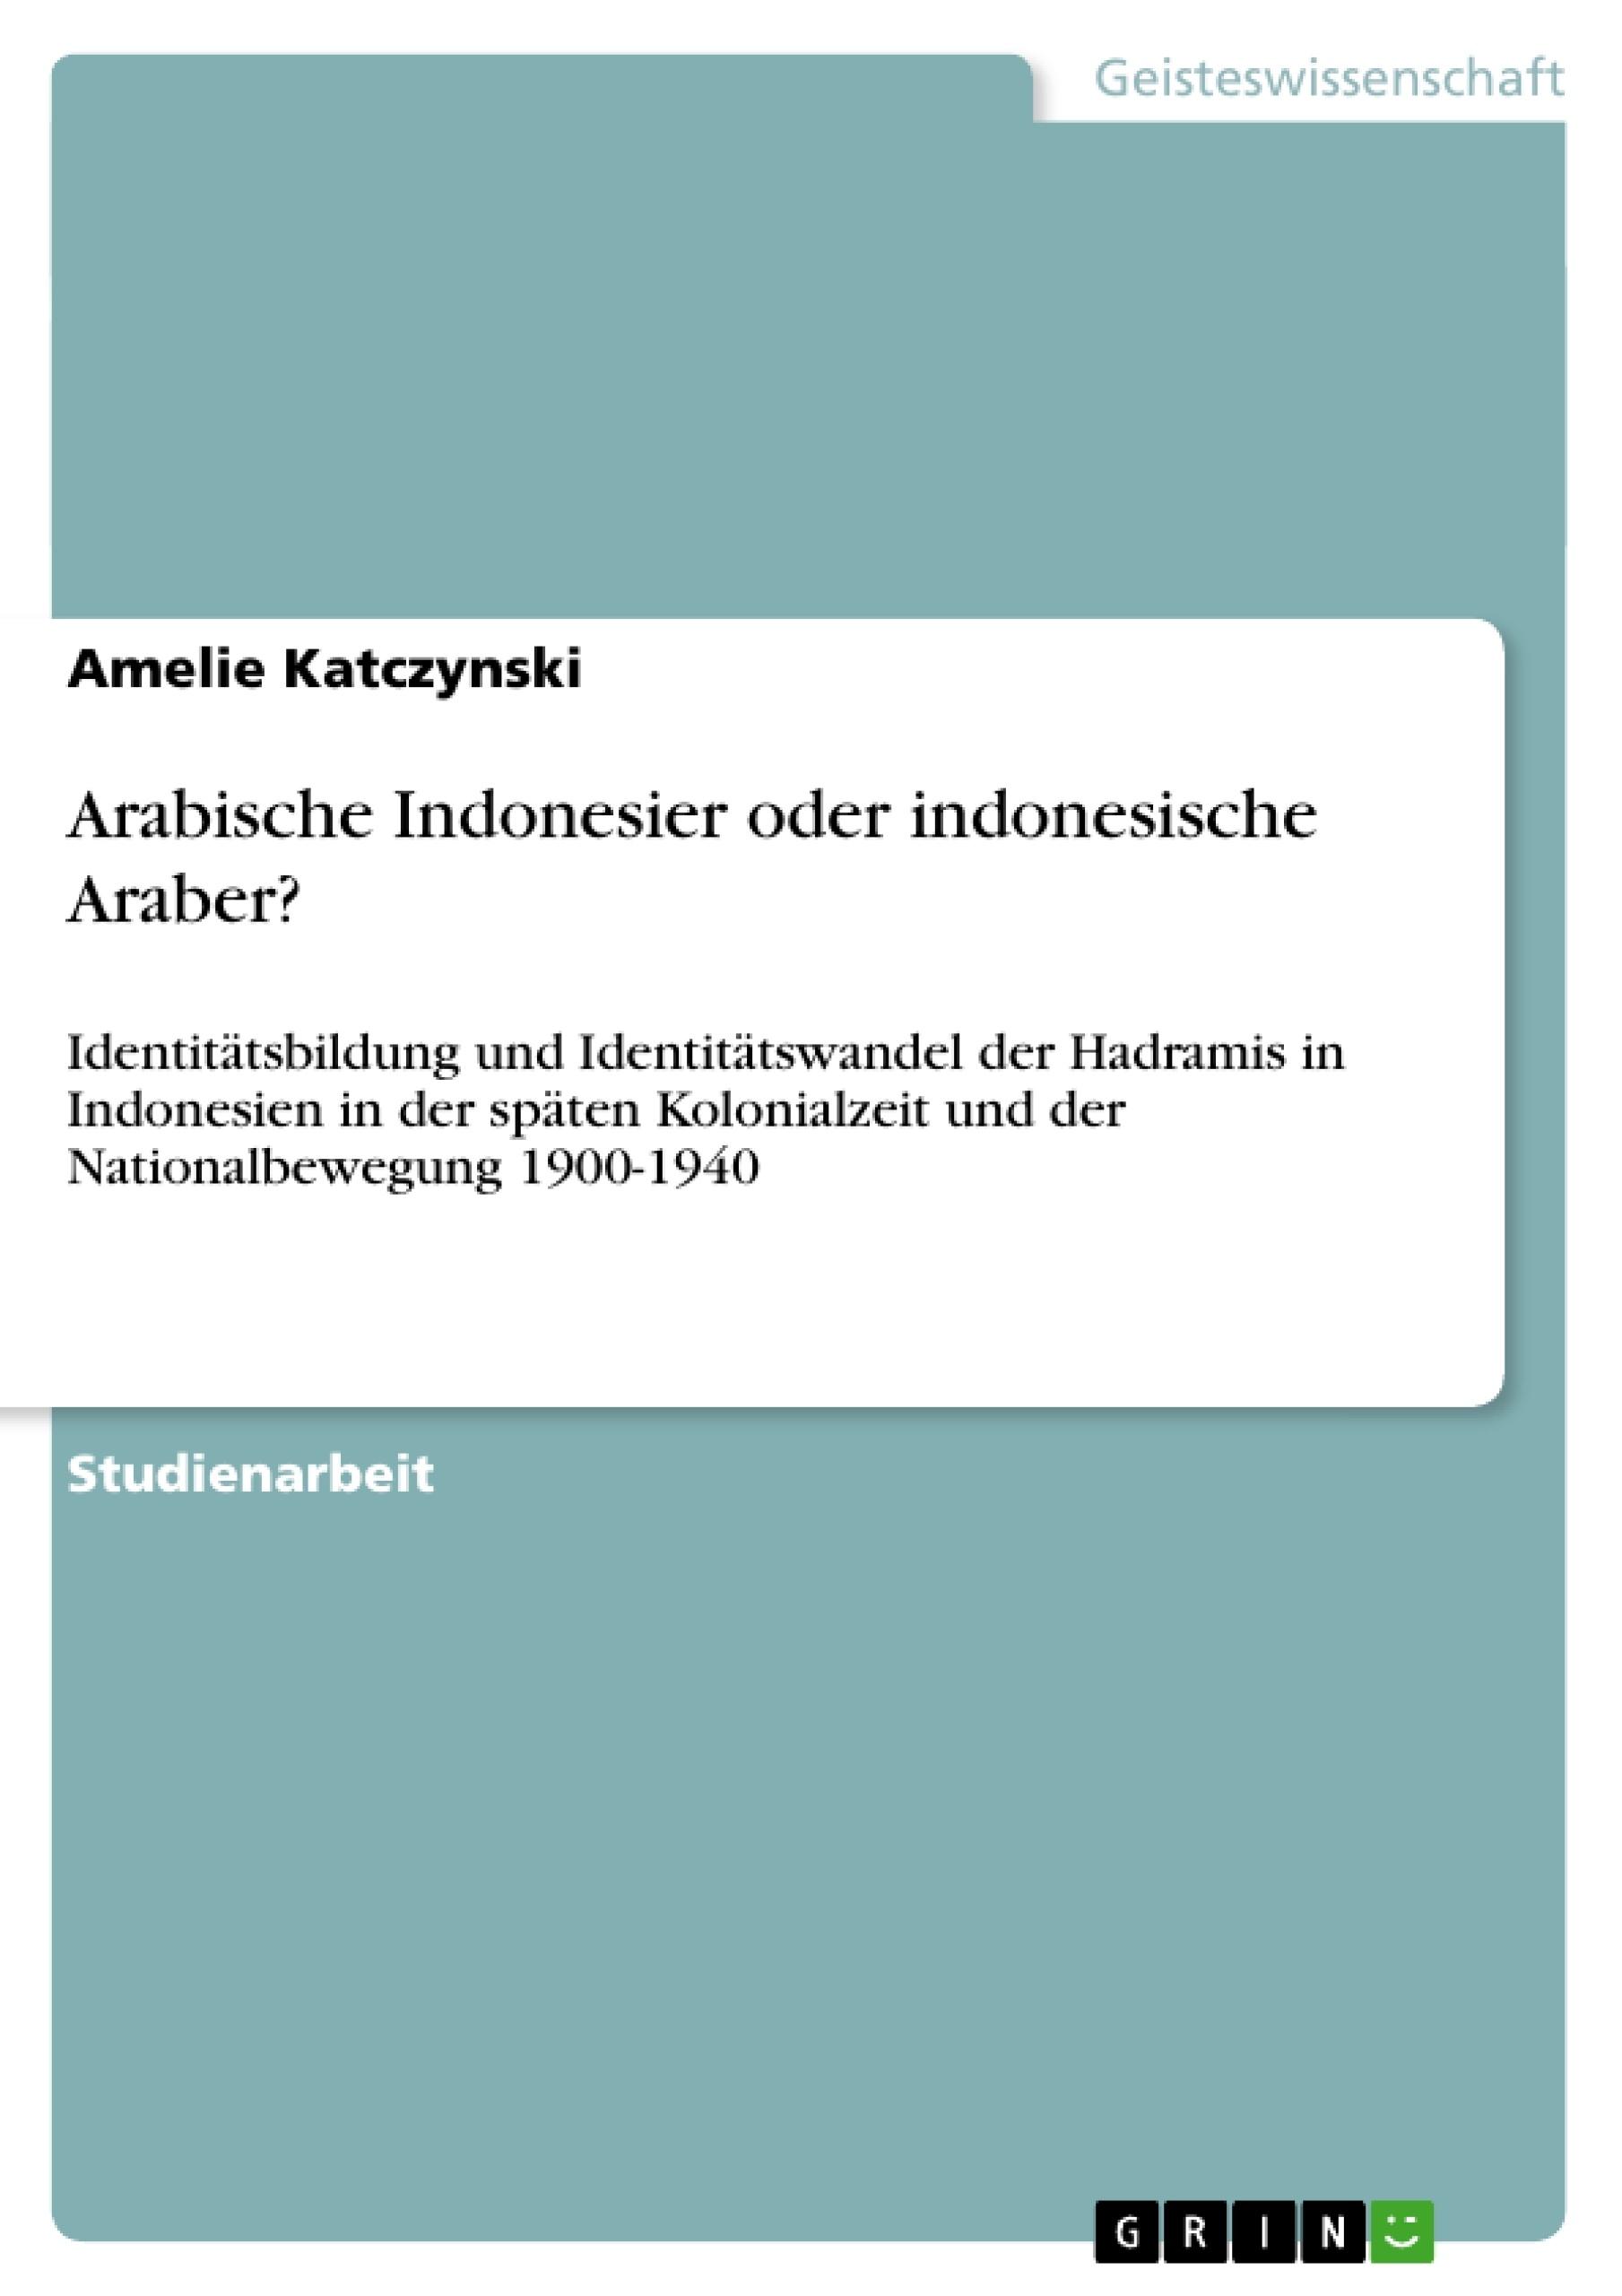 Titel: Arabische Indonesier oder indonesische Araber?